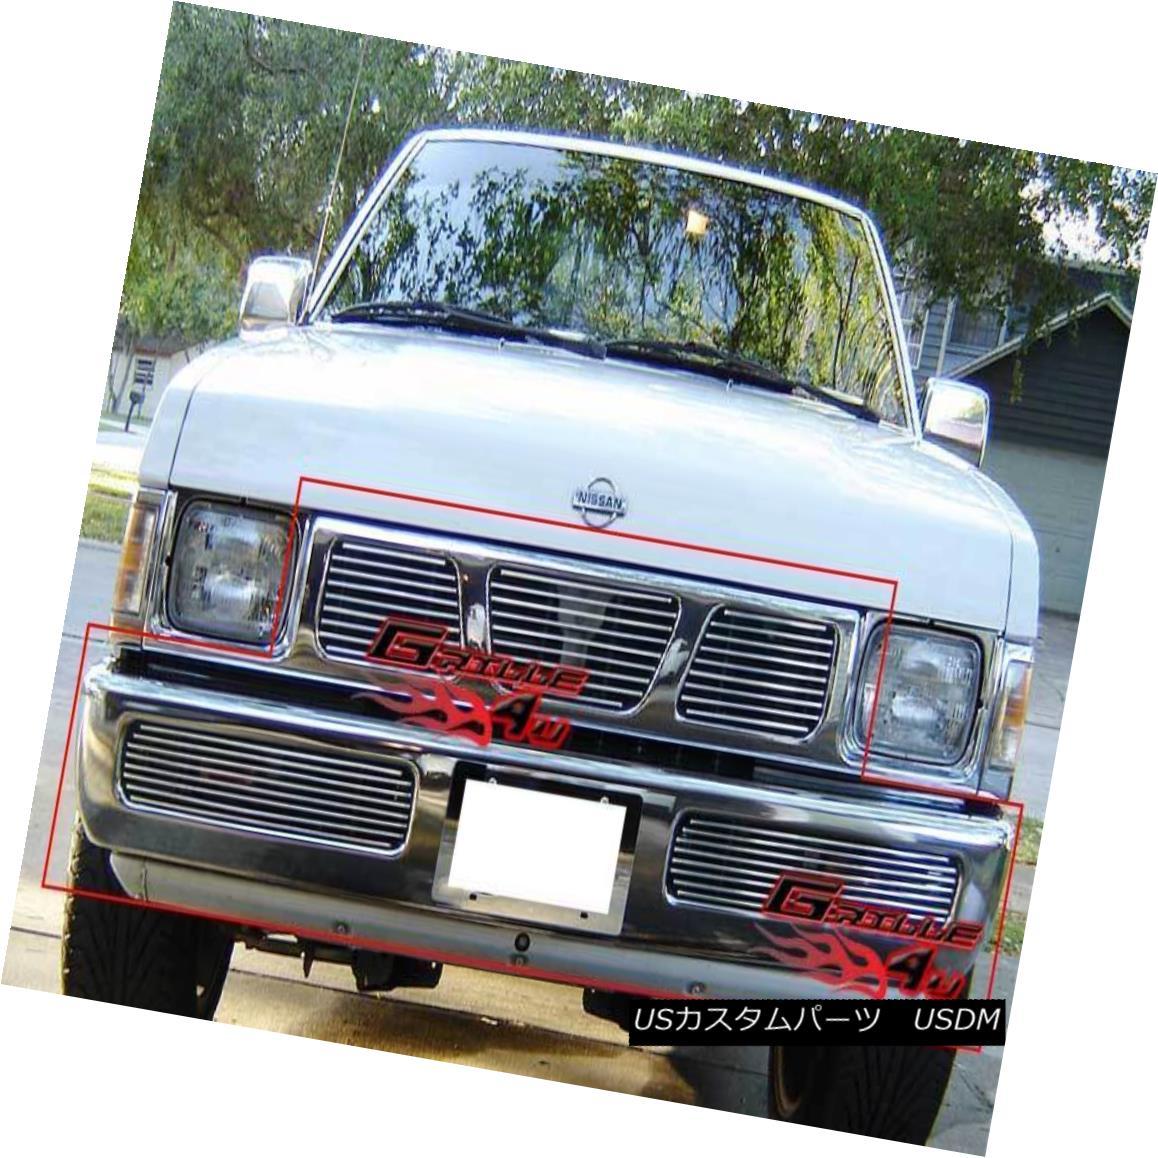 グリル Fits 95-97 Nissan Hardbody Billet Grille Combo フィット95-97日産ハードボディービレットグリルコンボ